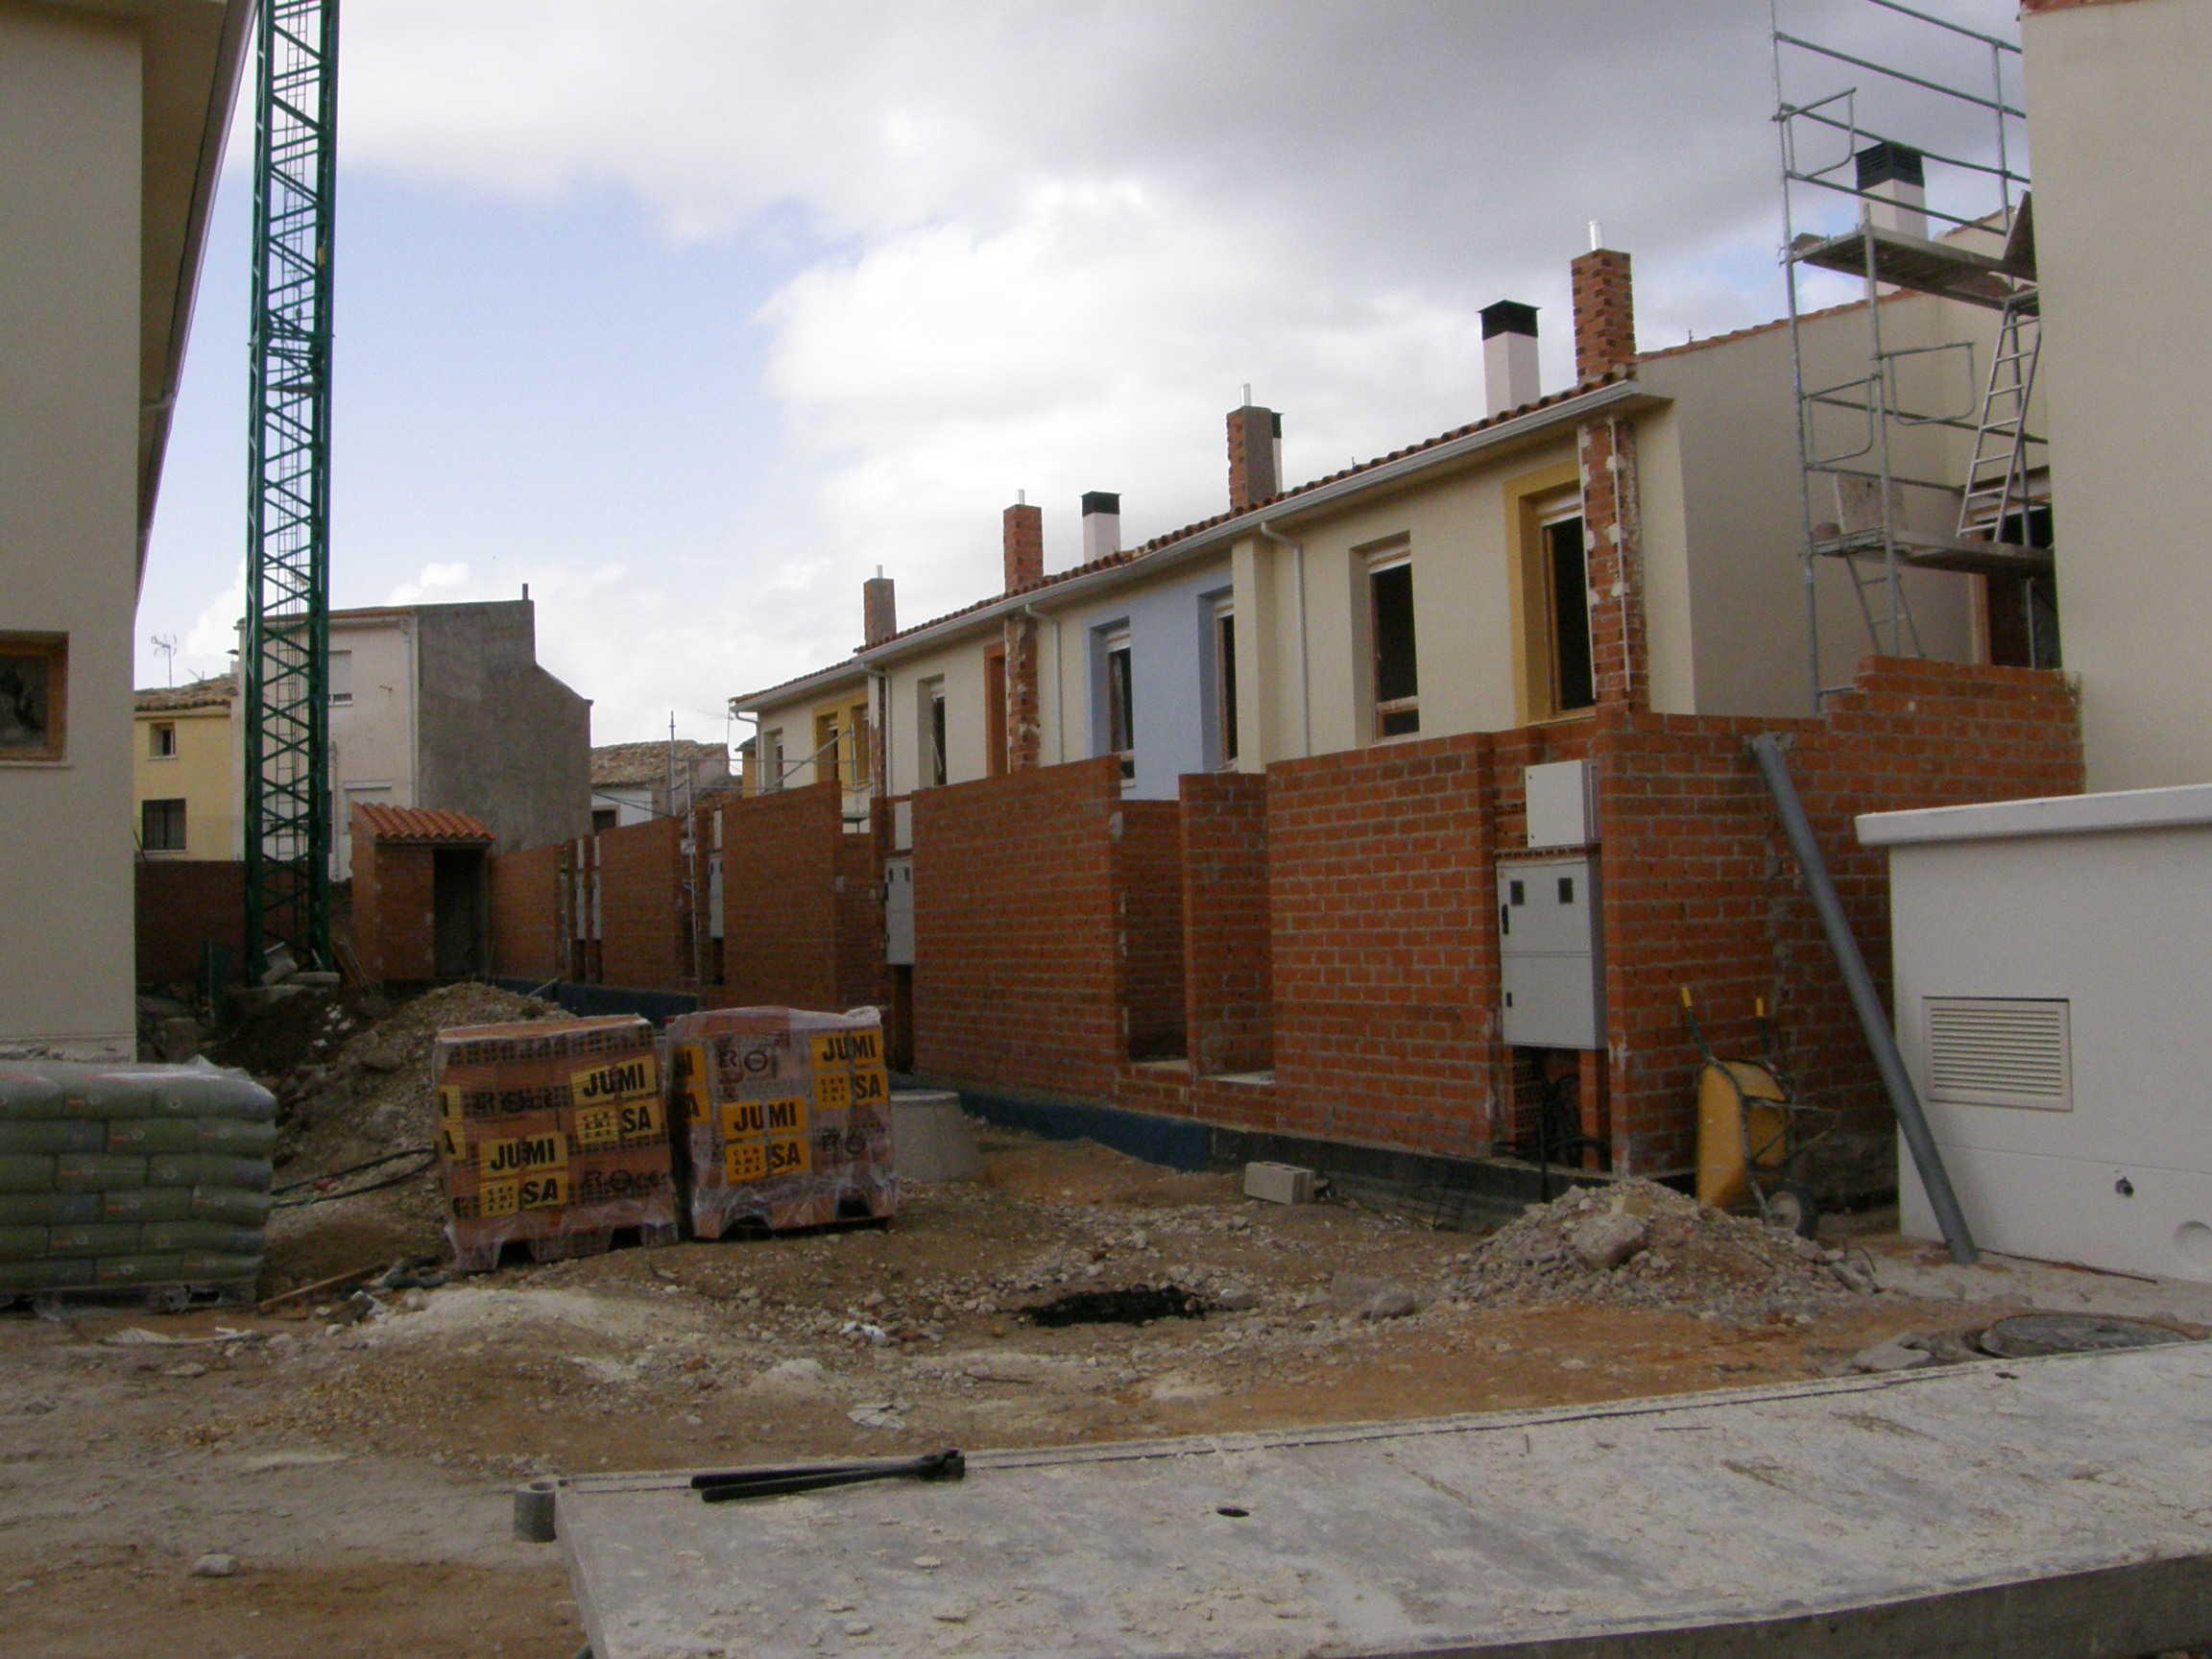 18 viviendas VPO (Régimen especial), Avda. Luis Ocaña en Priego (Cuenca)</br></br> 2009</br></br><h4>Cliente: GICAMAN (Gestión de Infraestructuras de Castilla-La Mancha S.A.)</h4>